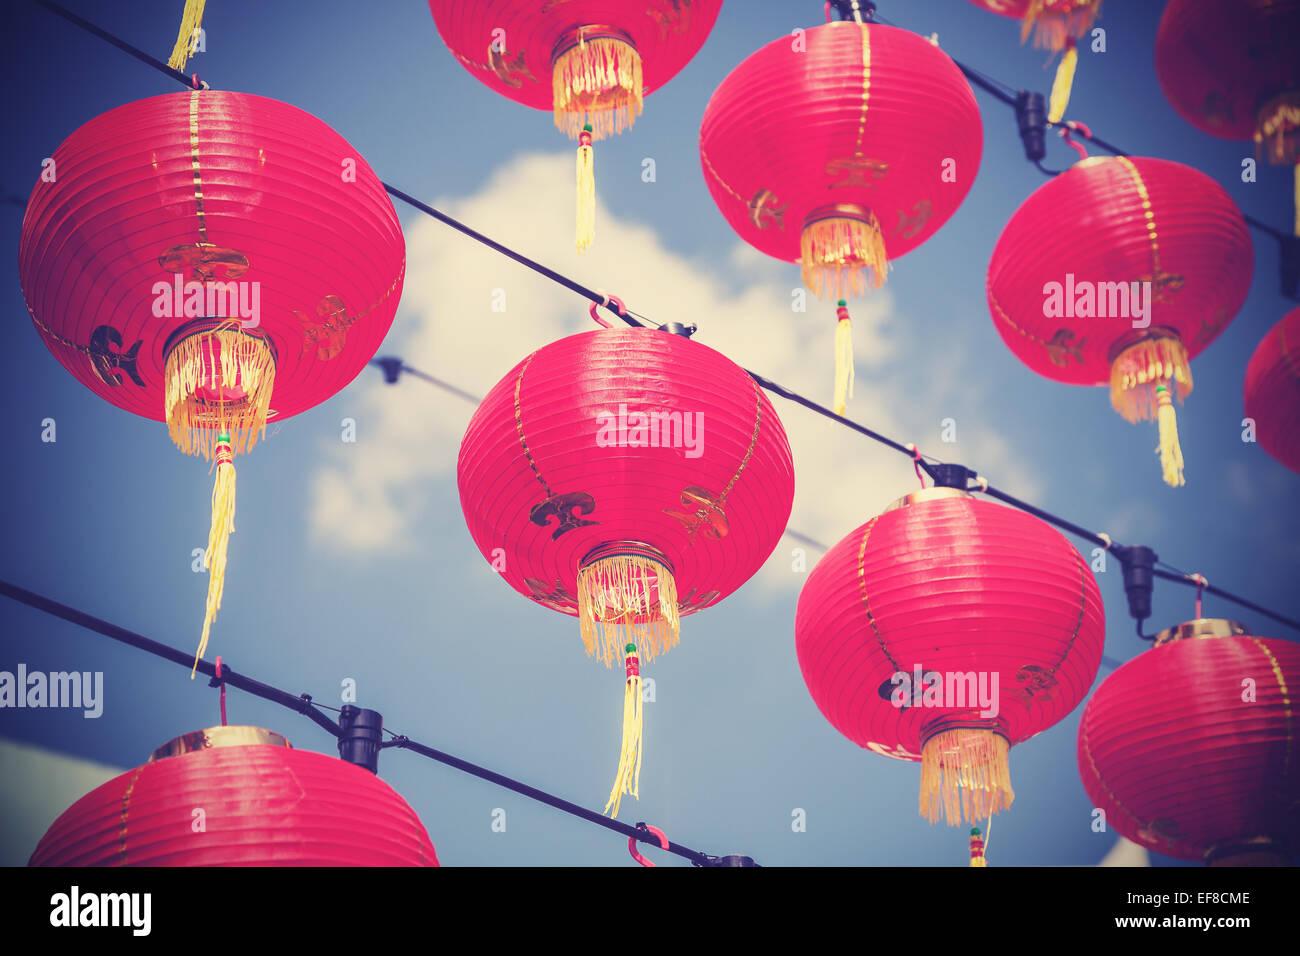 Retrò filtrato rosso cinese lanterne di carta contro il cielo blu. Immagini Stock